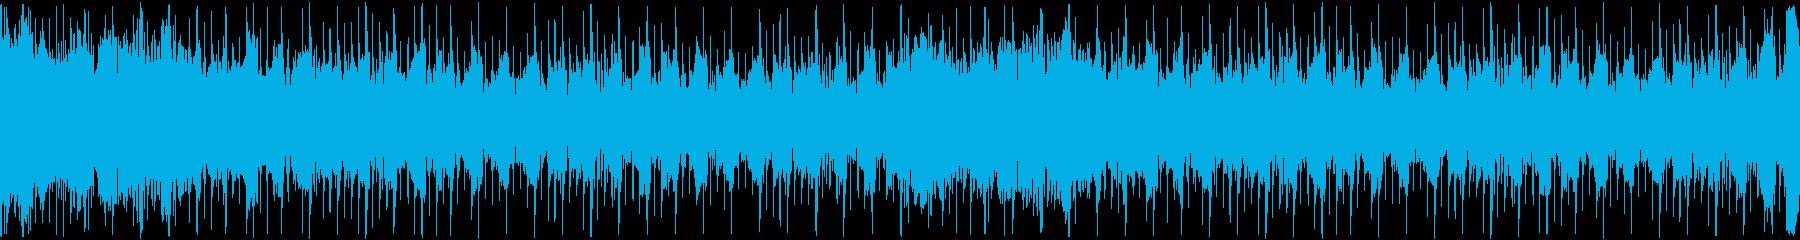 【ゲーム・シーン】バトルSE_02の再生済みの波形